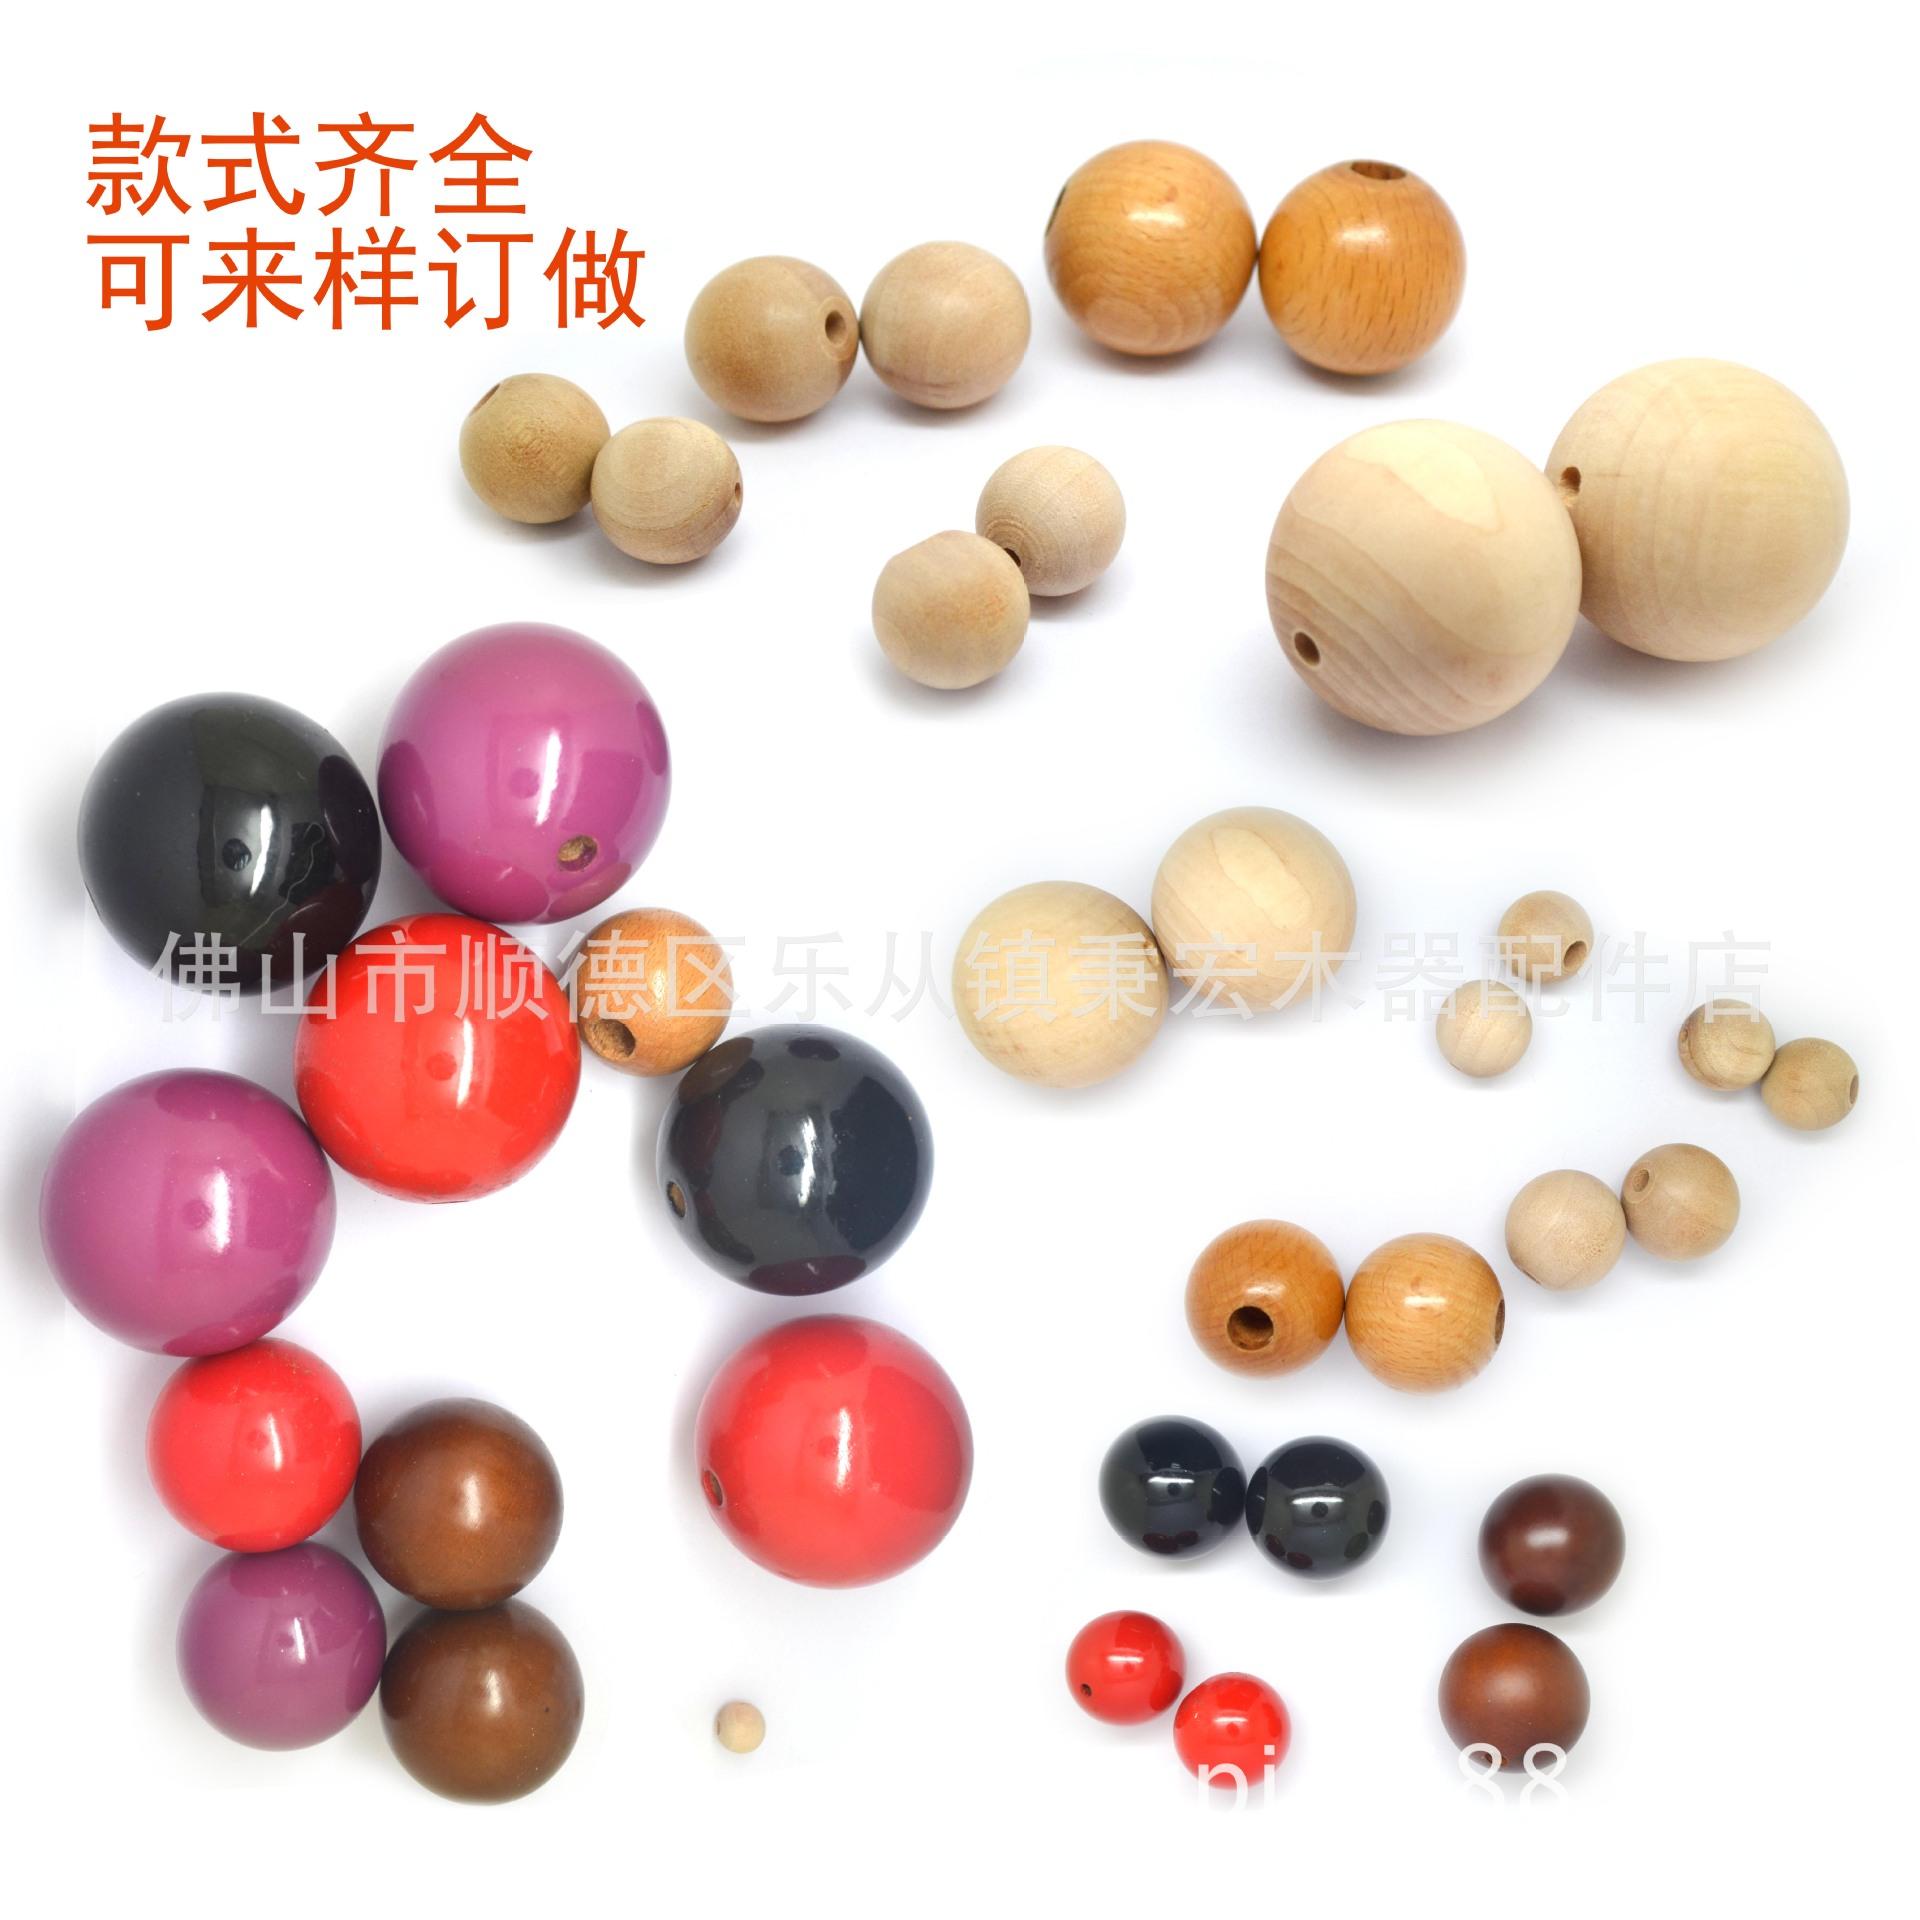 厂家大量供给各种优质圆木珠木圆球规格尺寸颜色可定制